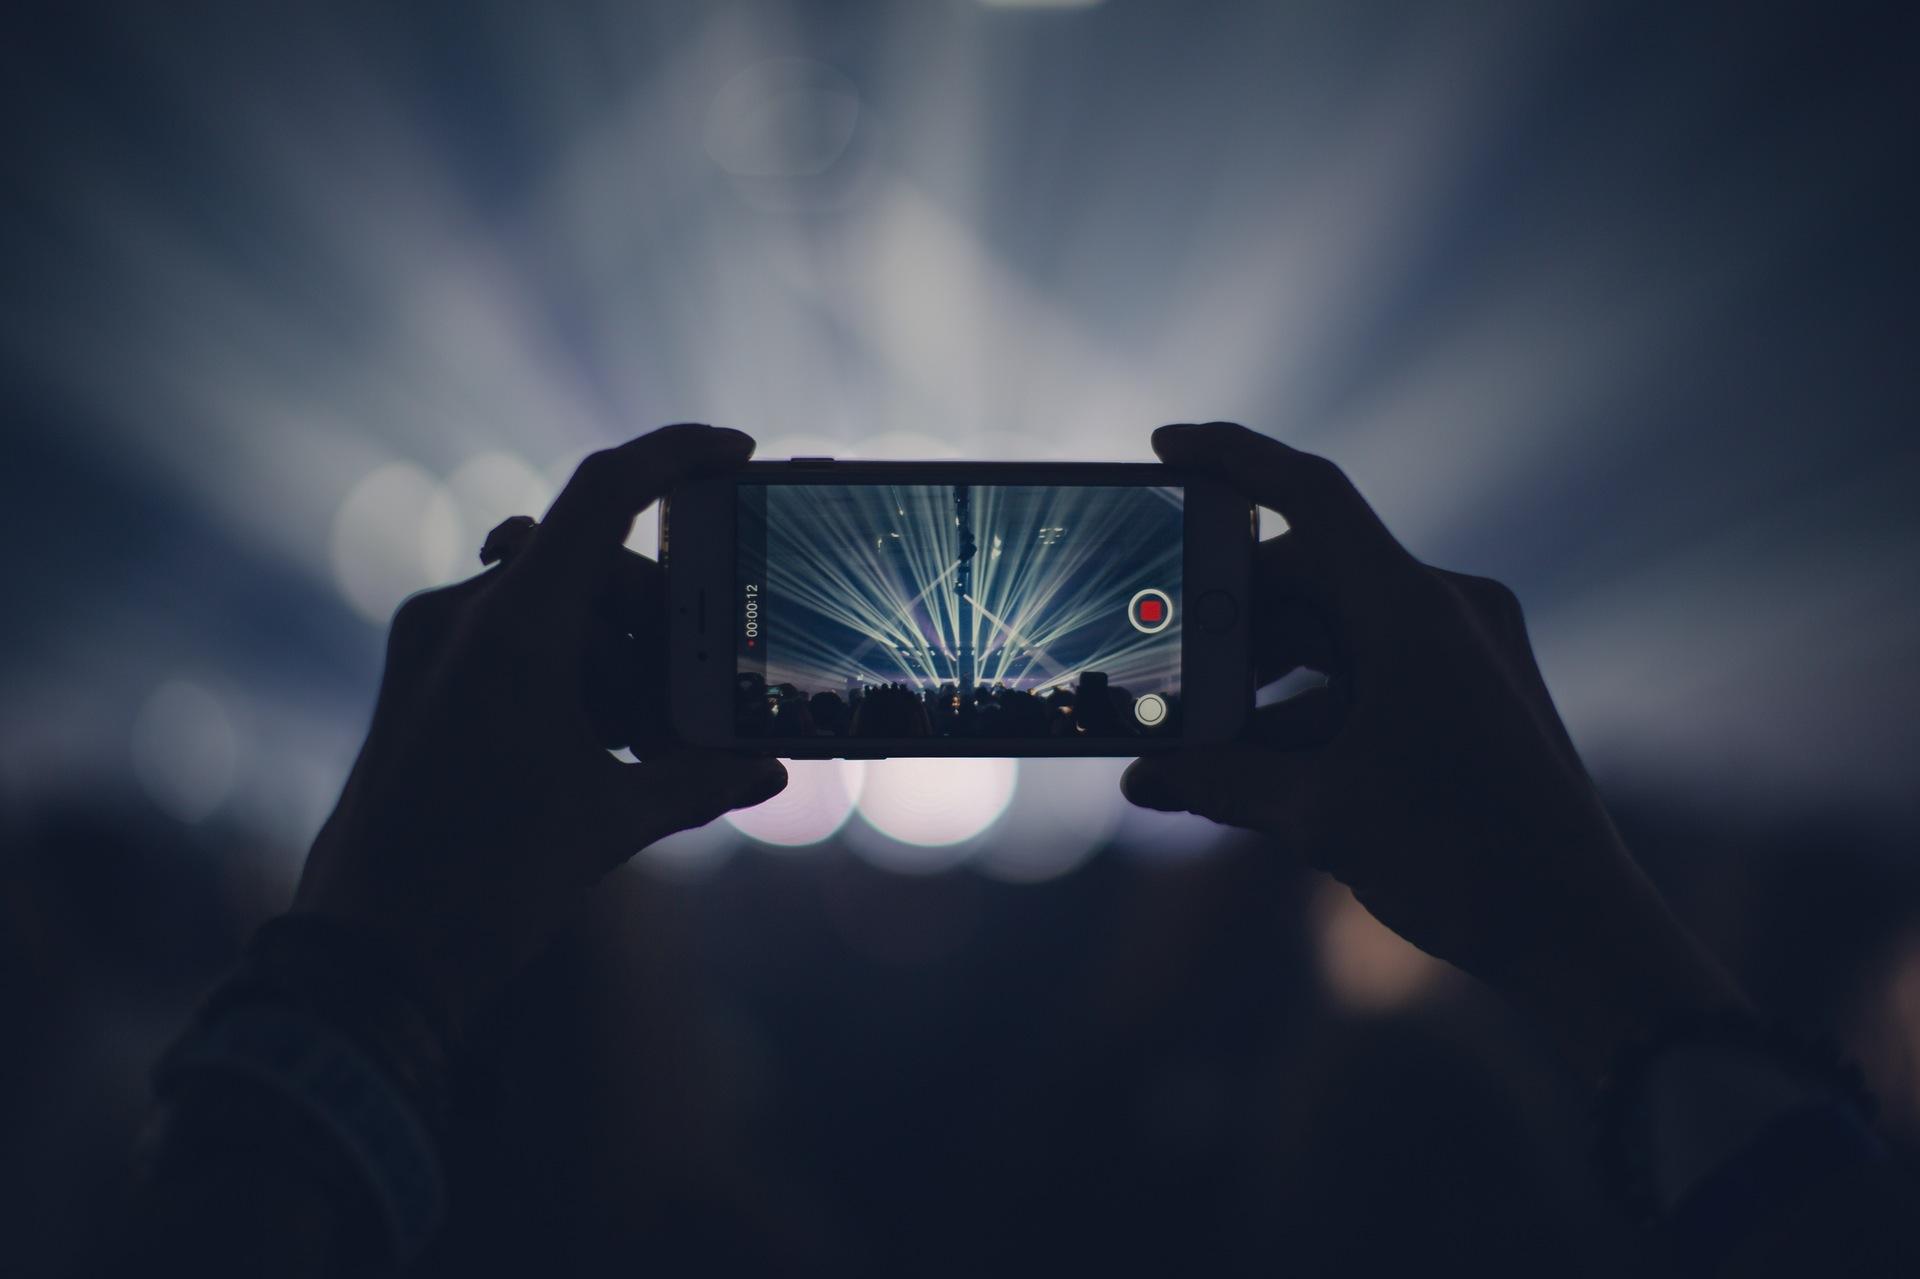 concerto, festa, Móvel, luzes, memórias, vídeo, gravação - Papéis de parede HD - Professor-falken.com